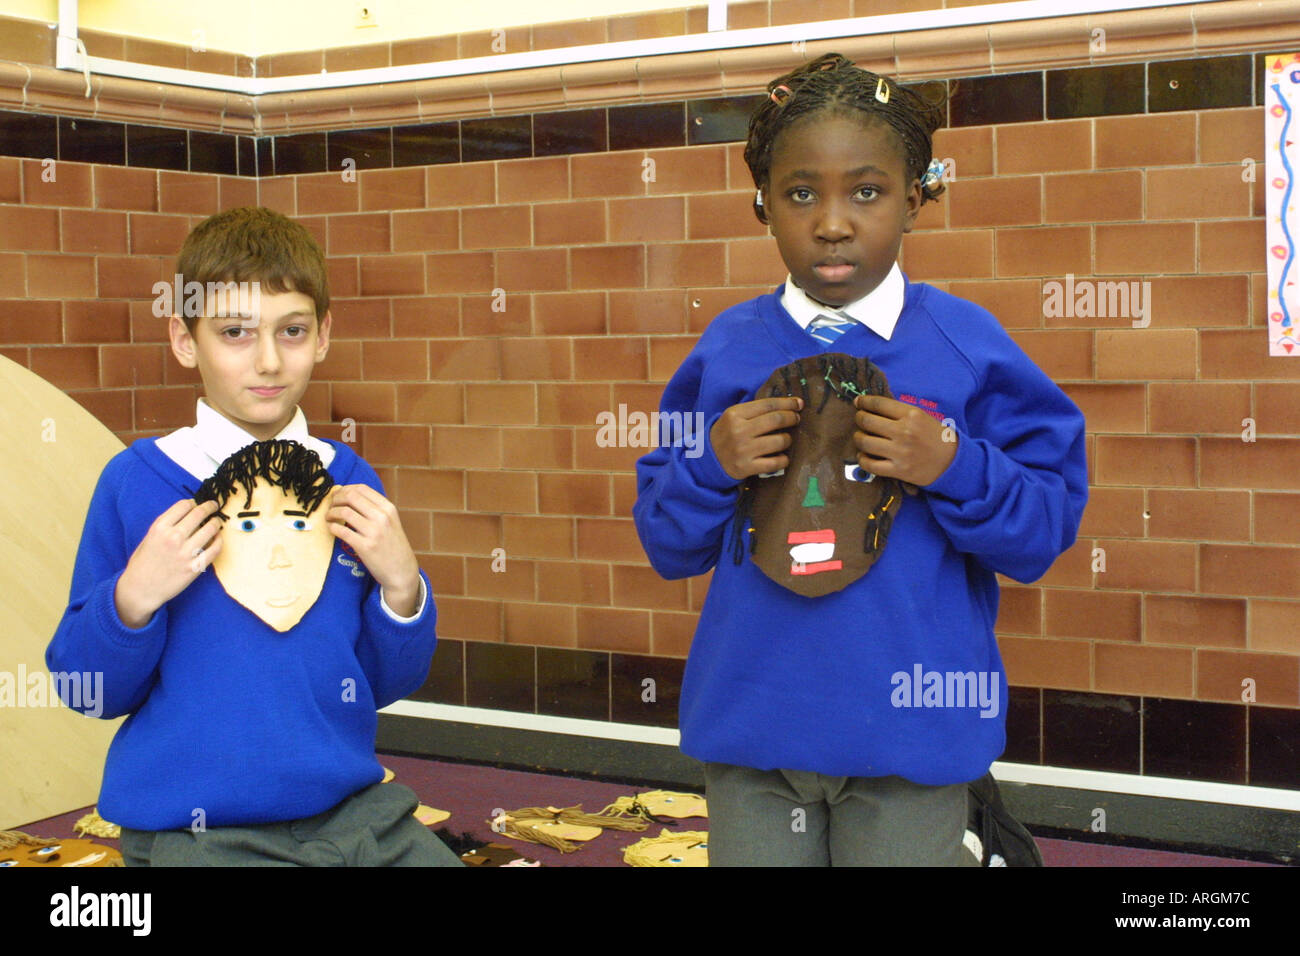 Kinder im Grundschulalter präsentieren ihre Selbstporträts. Stockbild